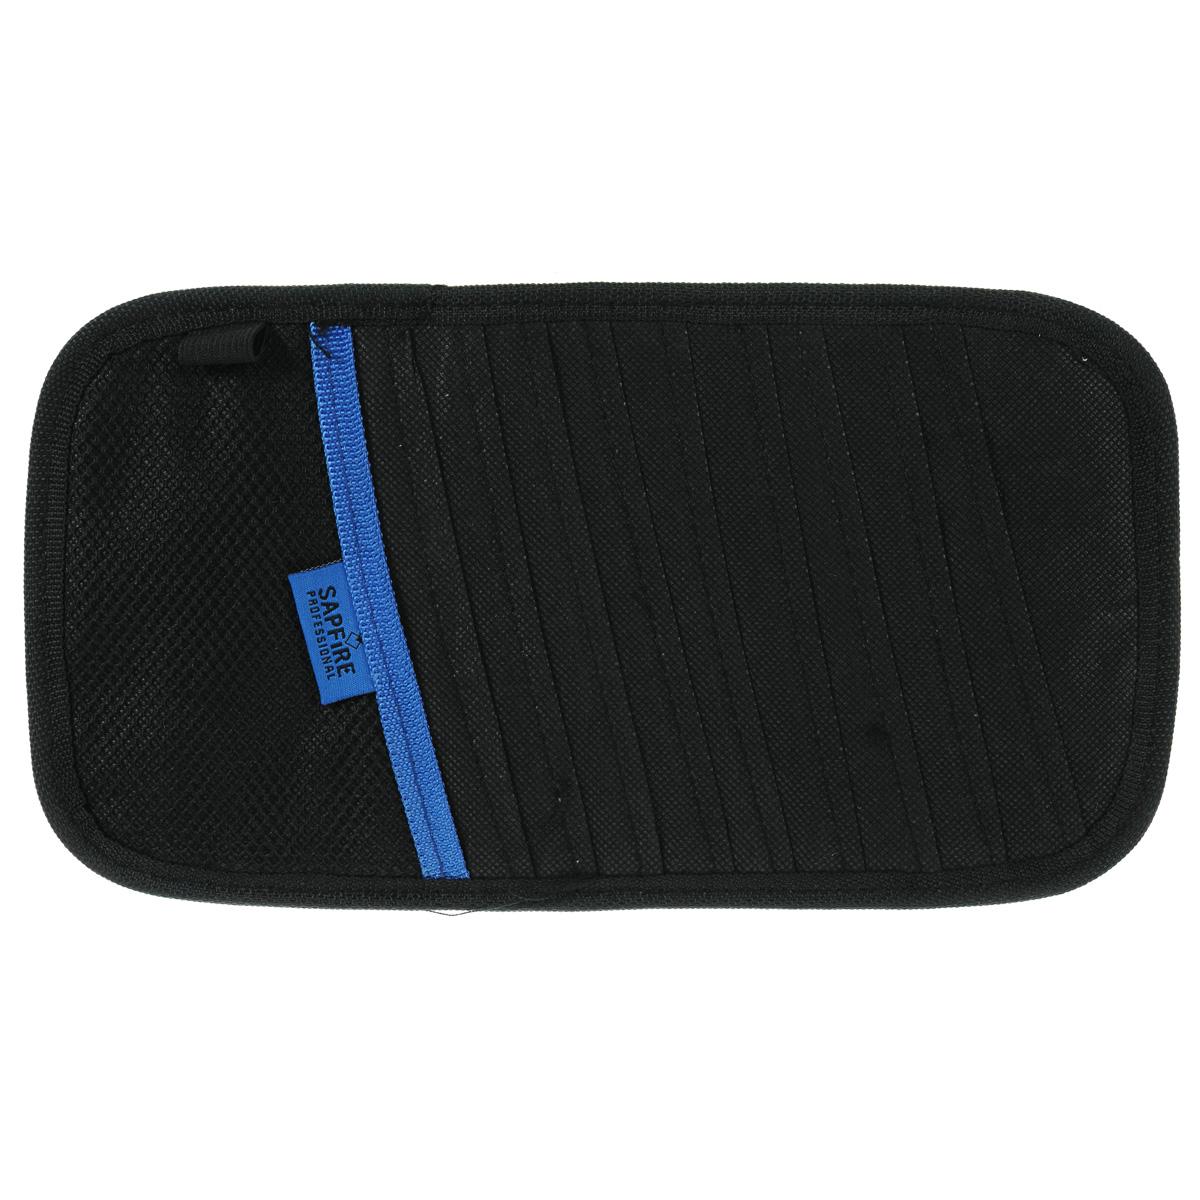 Карман для дисков на козырек Sapfire, 10 дисковSCH-0406Карман Sapfire вмещает 10 дисков. Удобное и функциональное хранение. Мягкий материал не повреждает диски. Дополнительный карман позволяет хранить перед глазами разнообразные мелочи. Состав: нетканый материал, полиэстер.